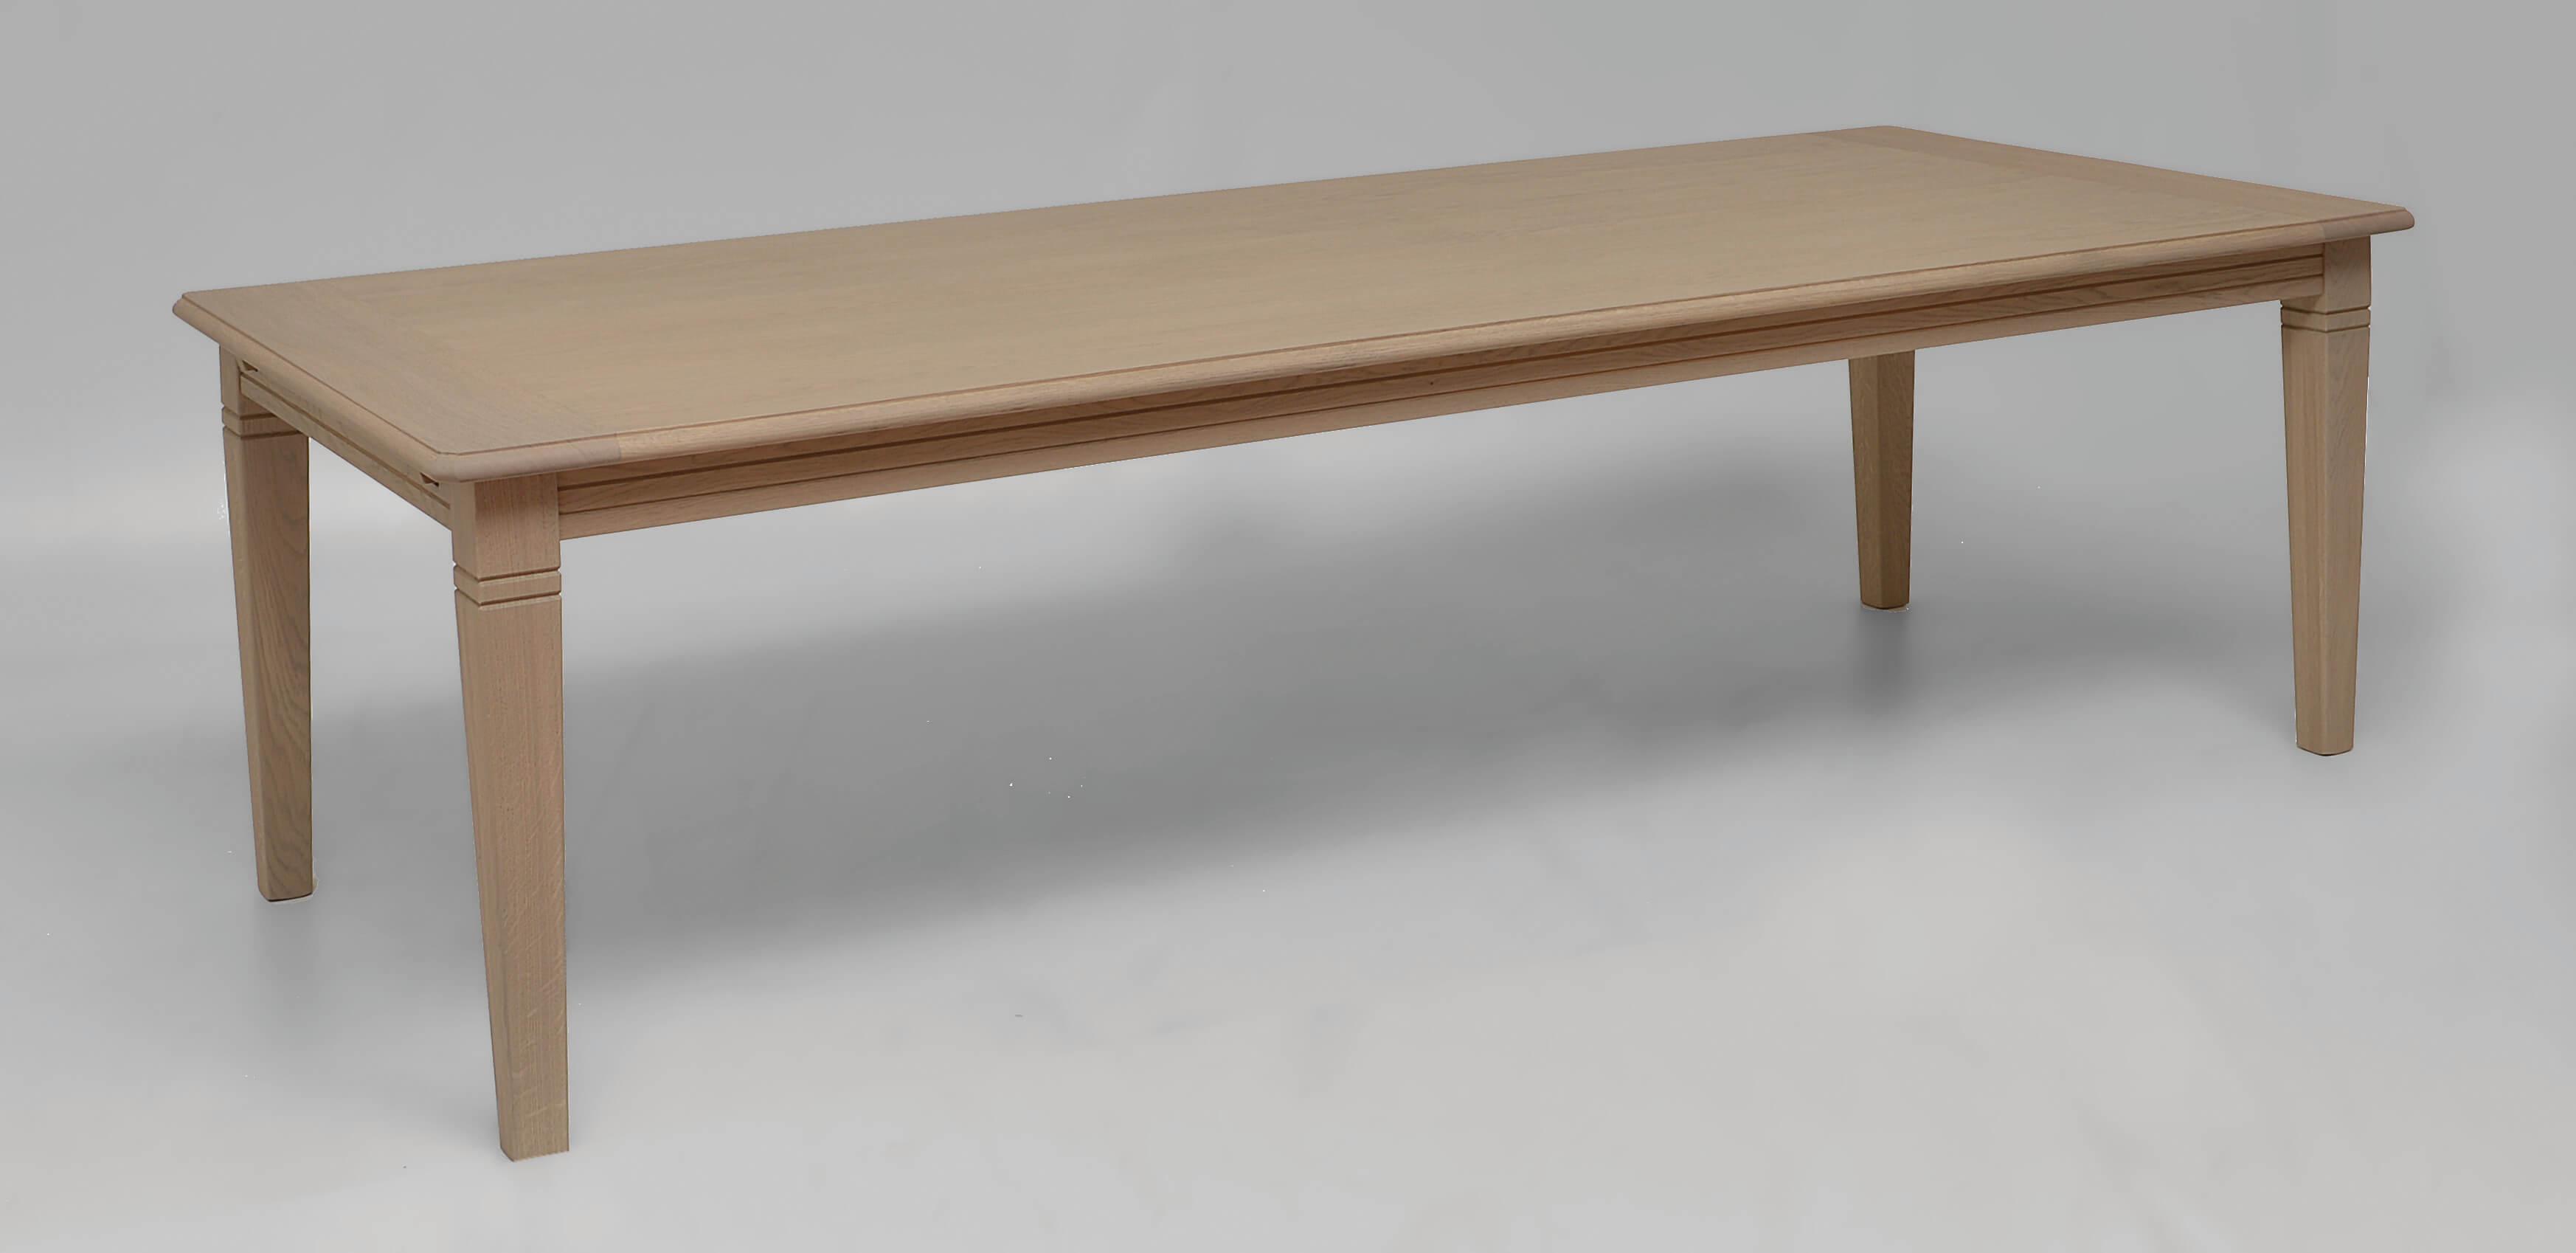 tafel eik in pastorij stijl en uitrekbaar